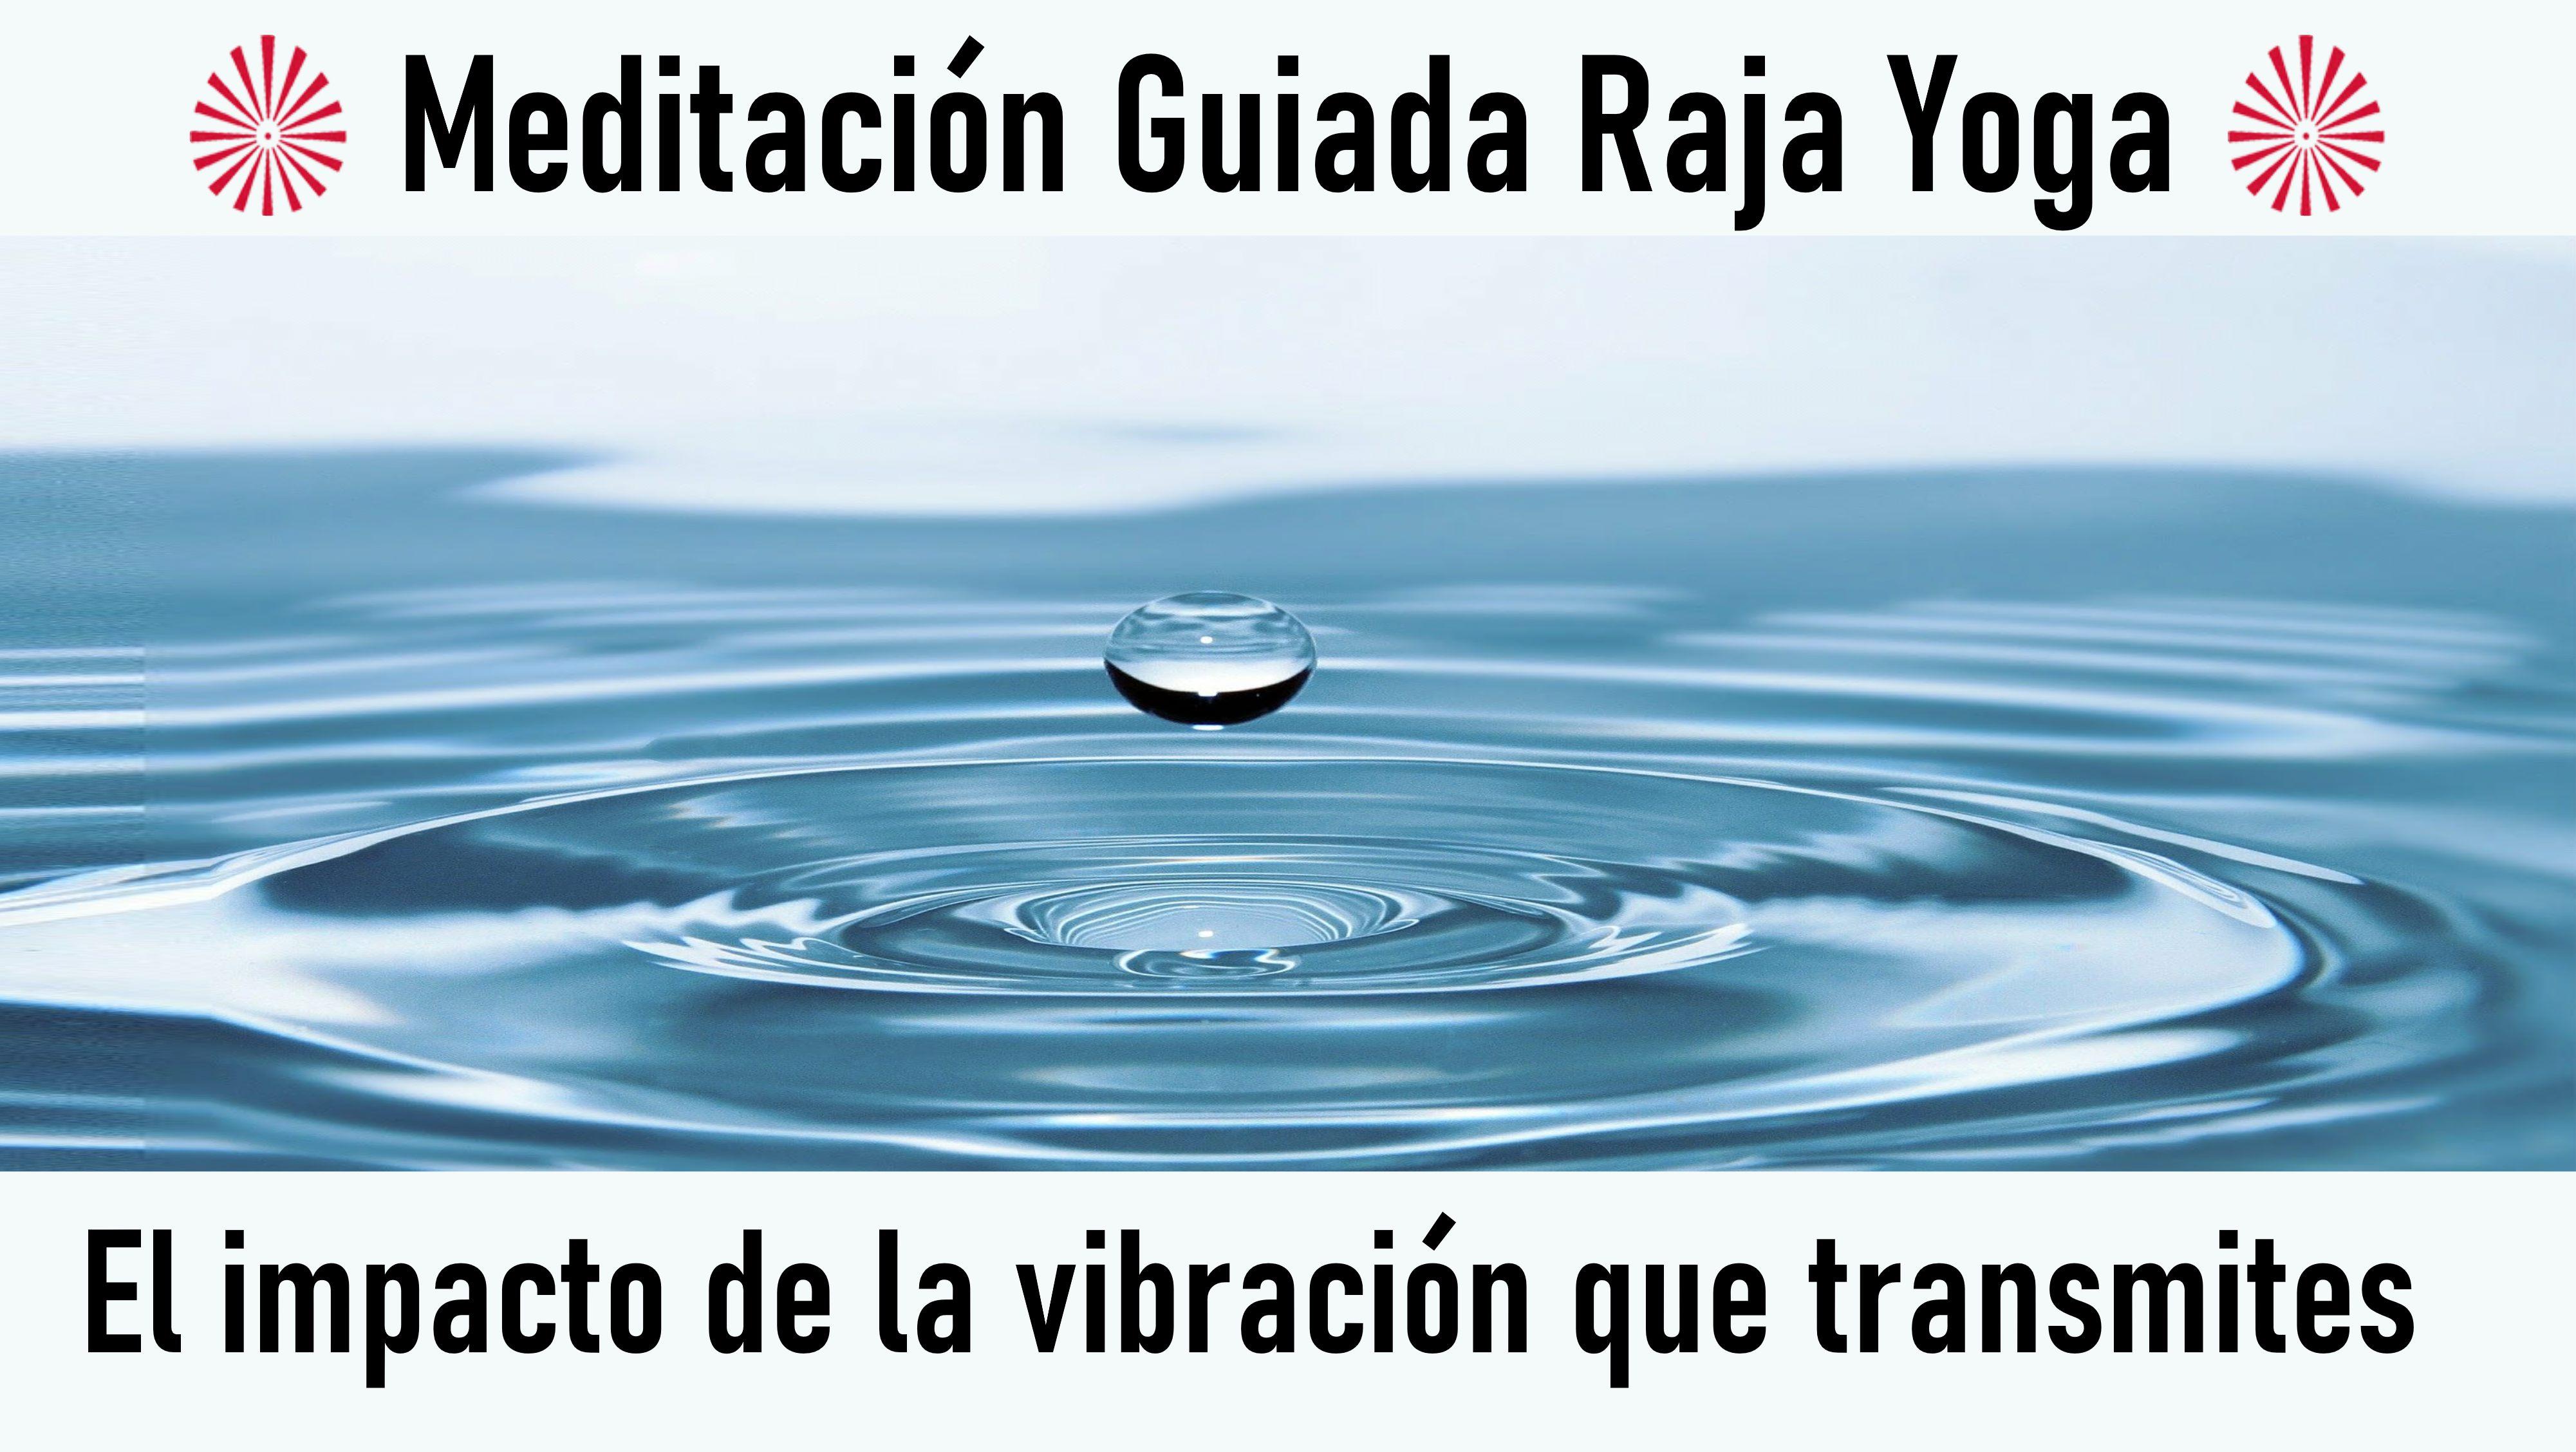 23 Julio 2020 Meditación guiada: El impacto de la vibración que transmites